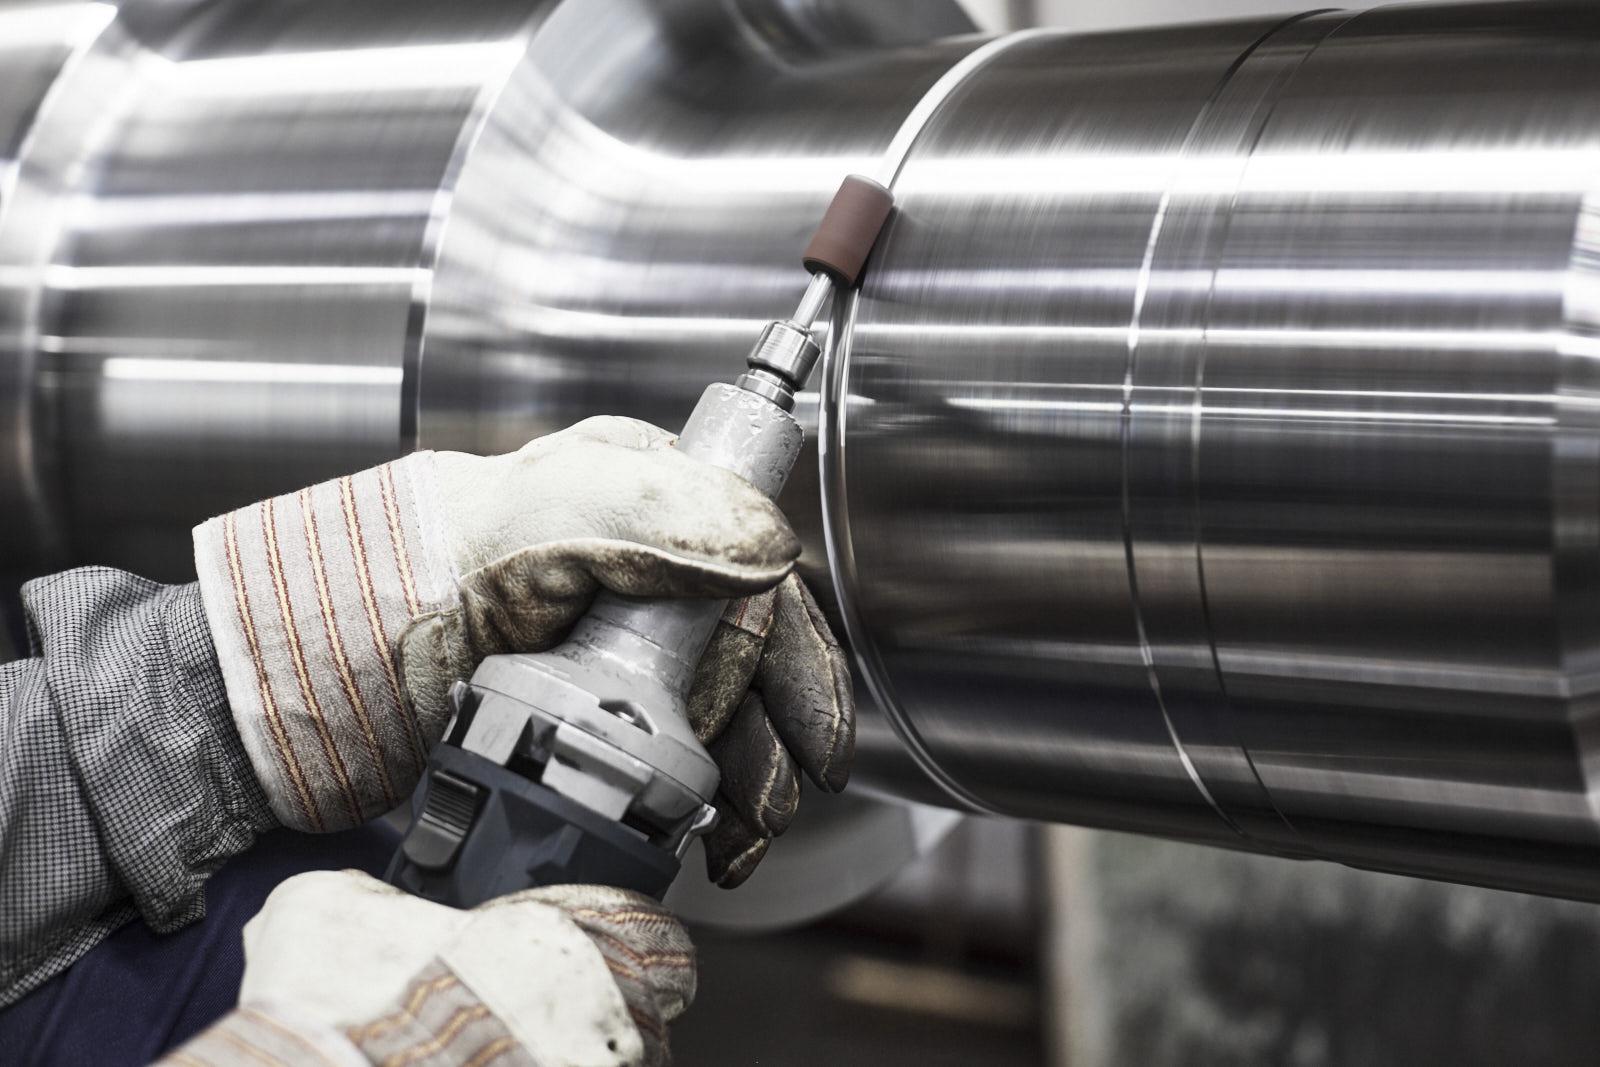 Bearbeitung einer Stahlwalze mit der Handschleifmaschine